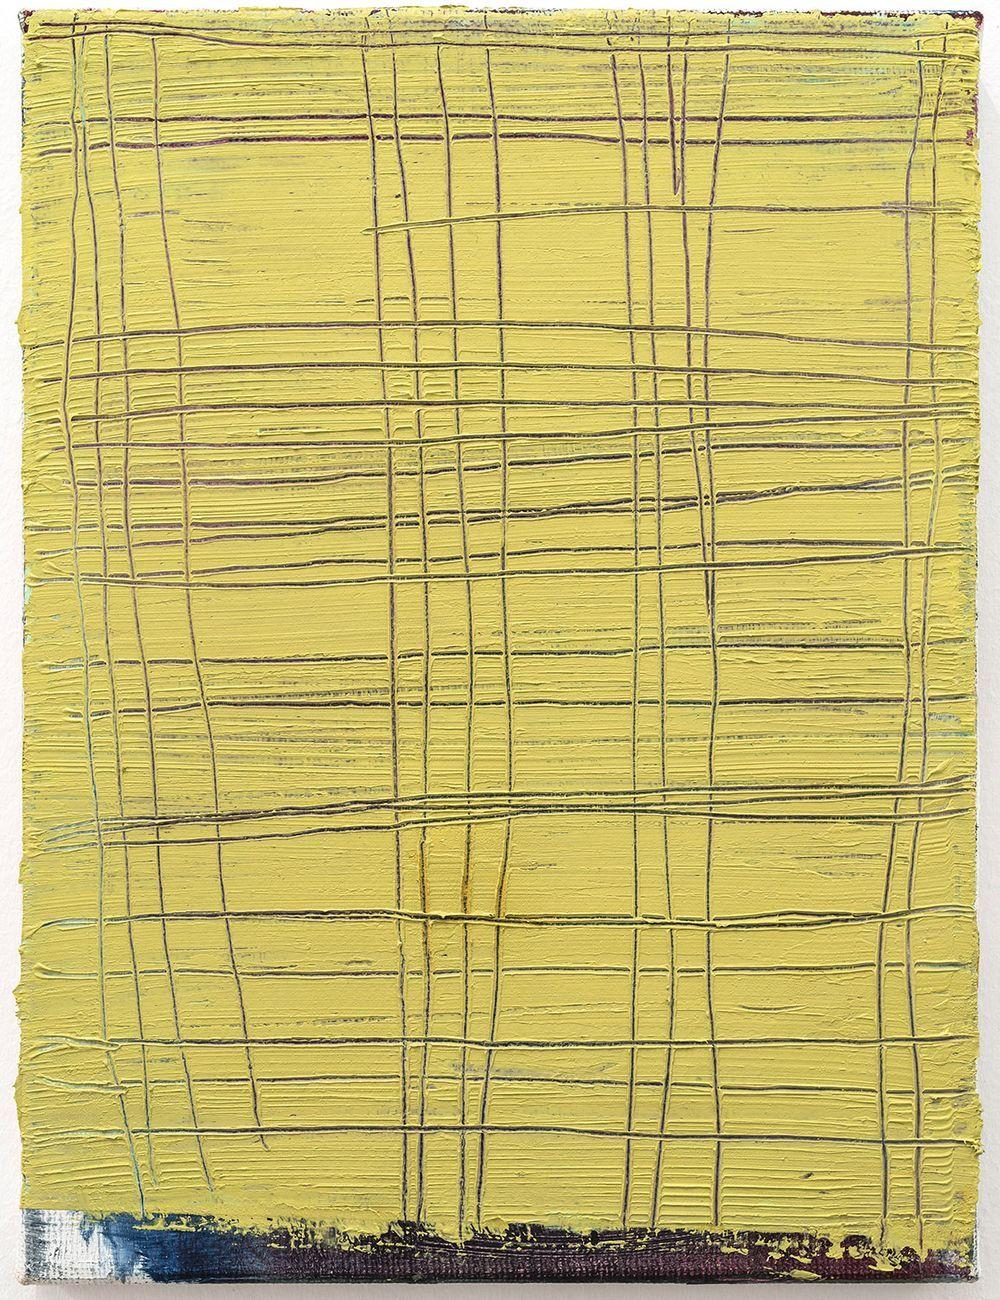 Alessandro Sarra, Senza titolo, 2017, olio e graffio su tela, cm 40x30